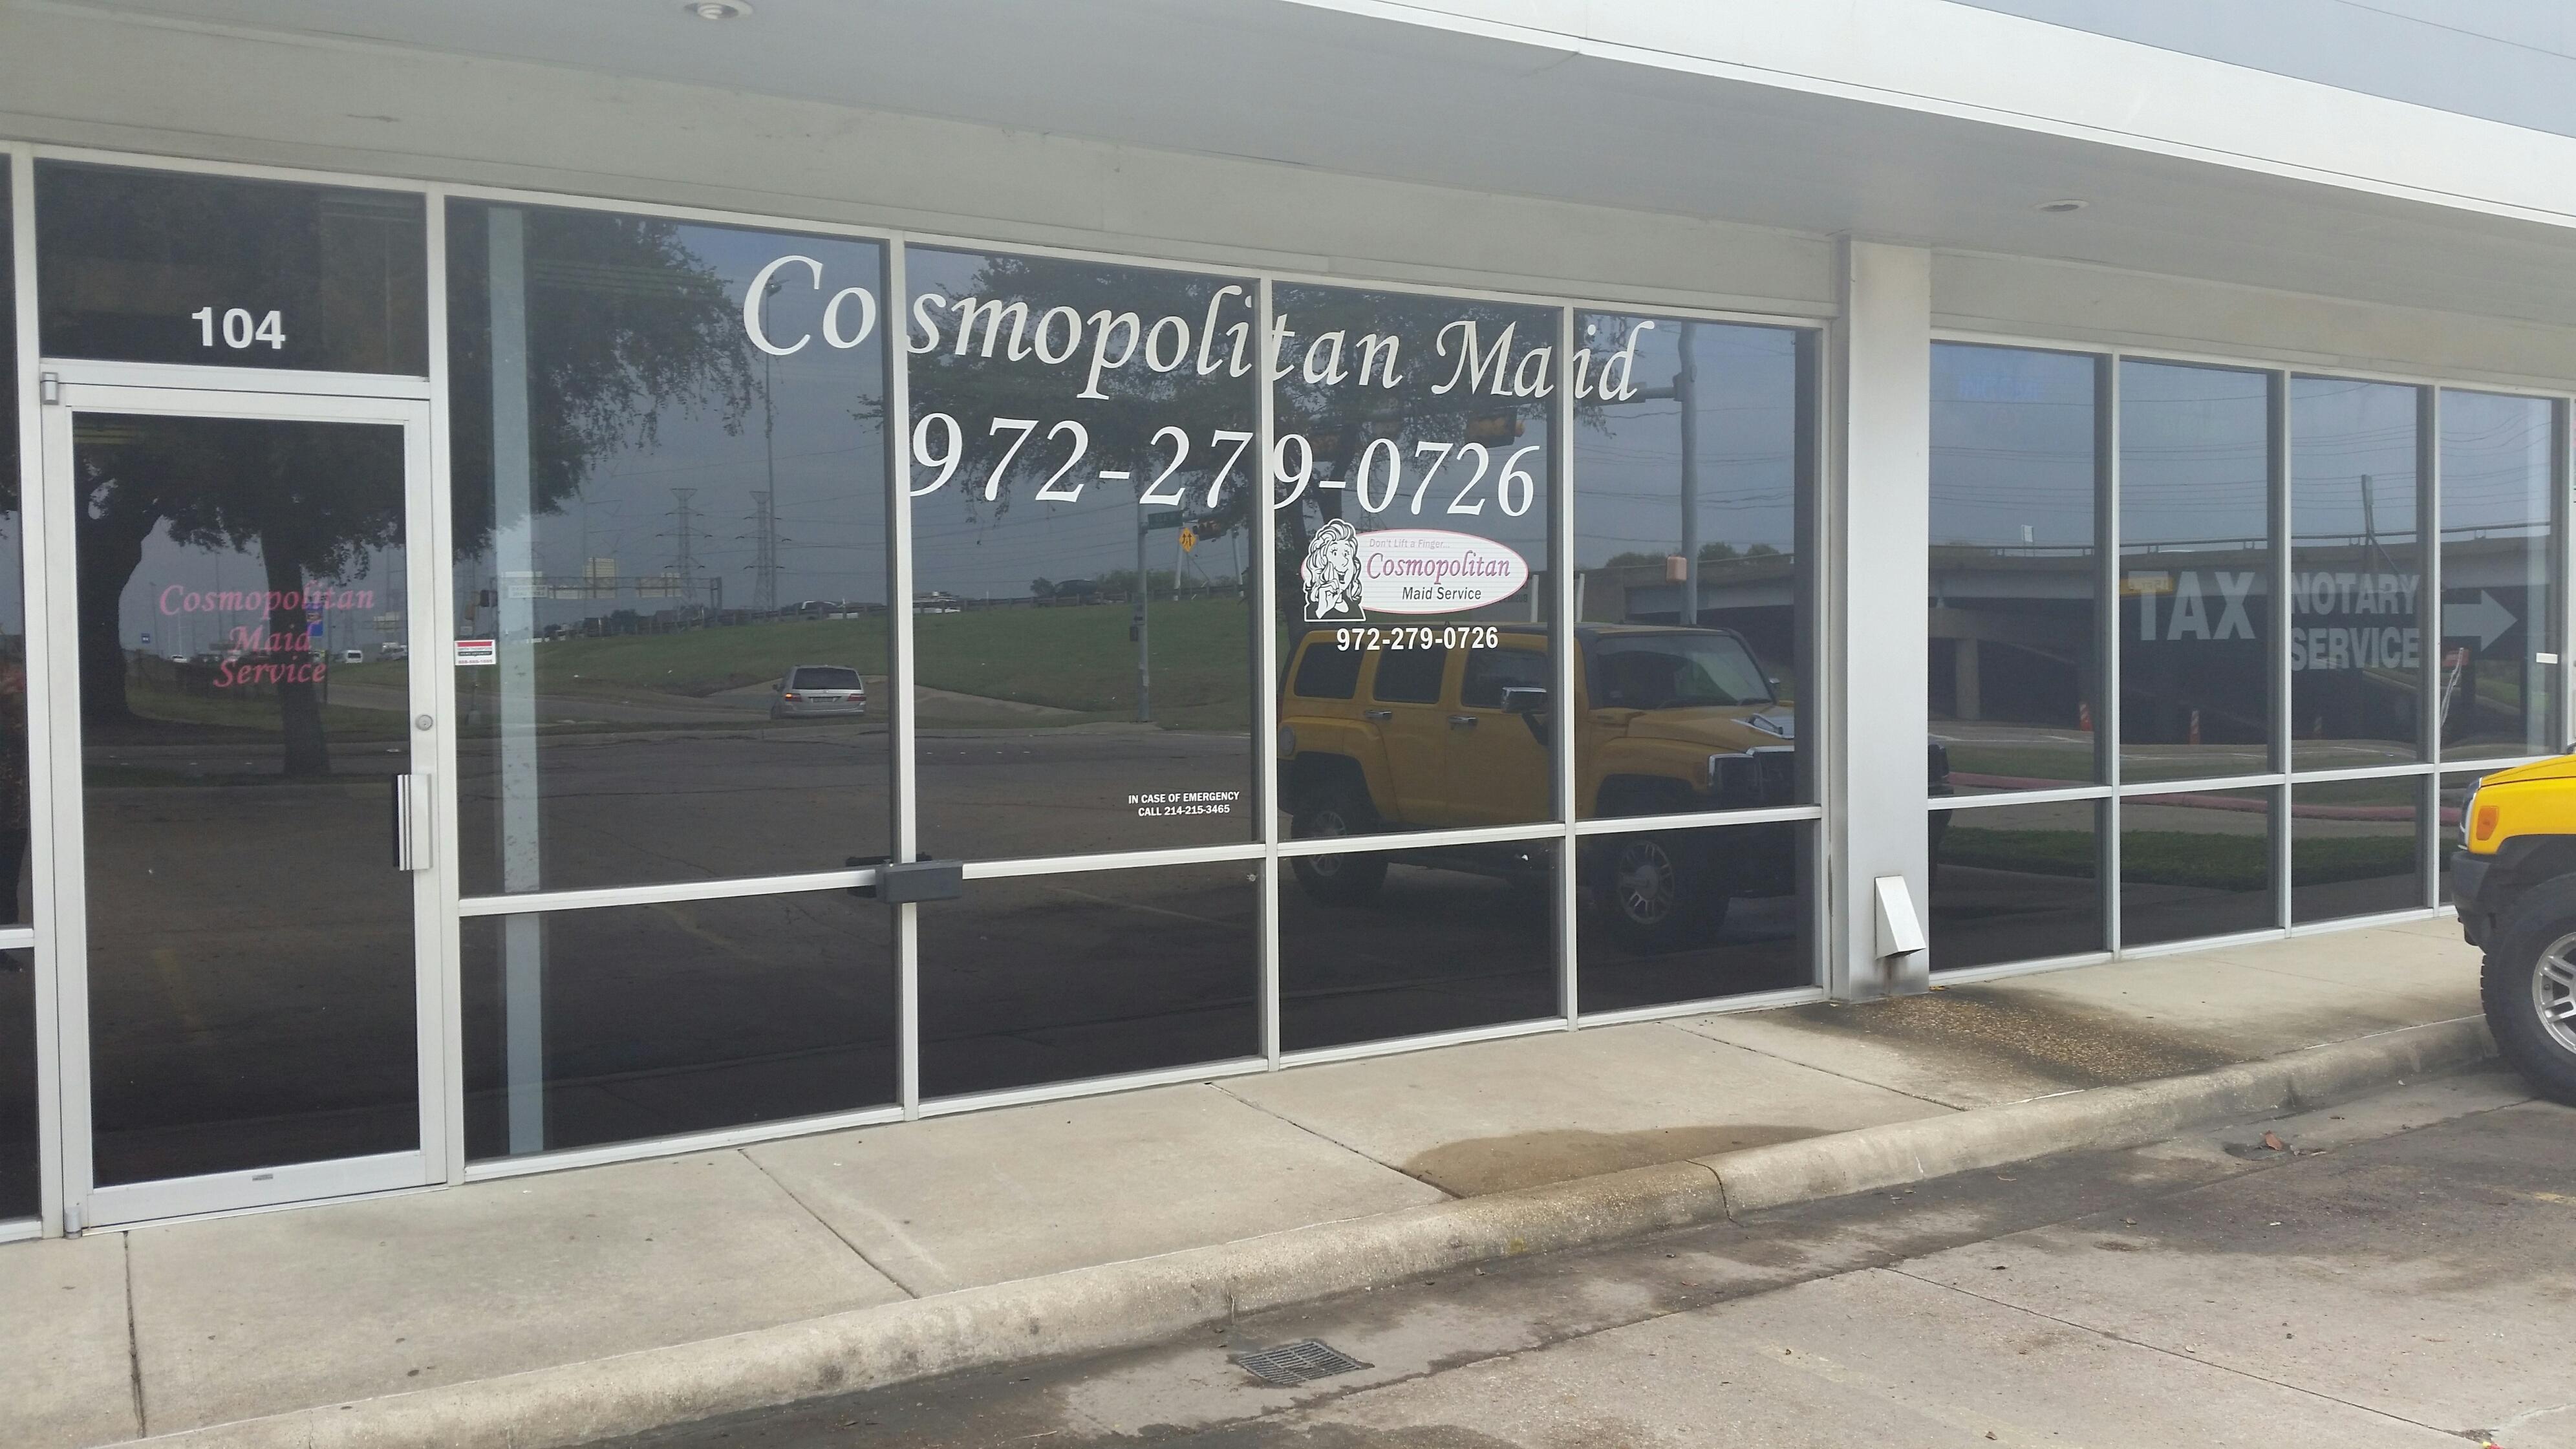 Cosmopolitan Maid Service image 7